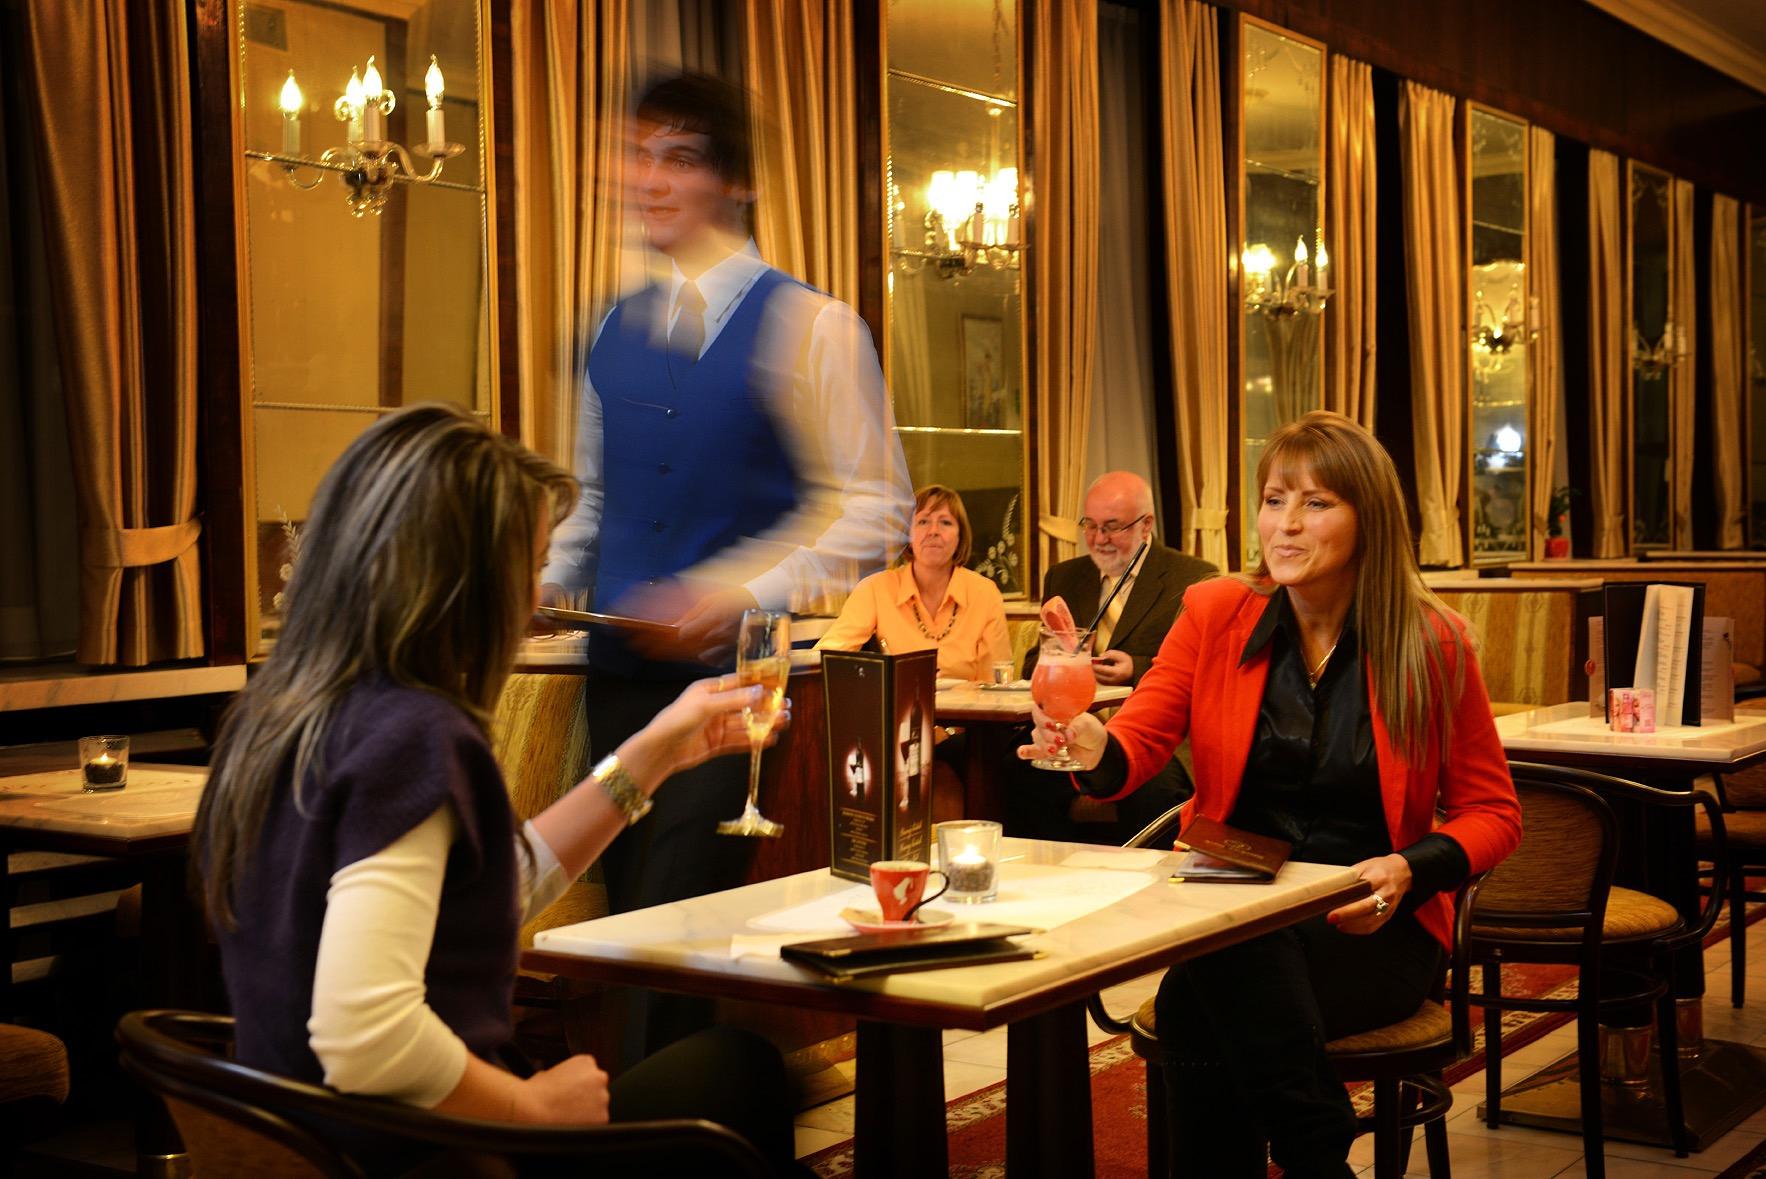 hotel-europa-spoločenský-večer-reštaurácia-foto3